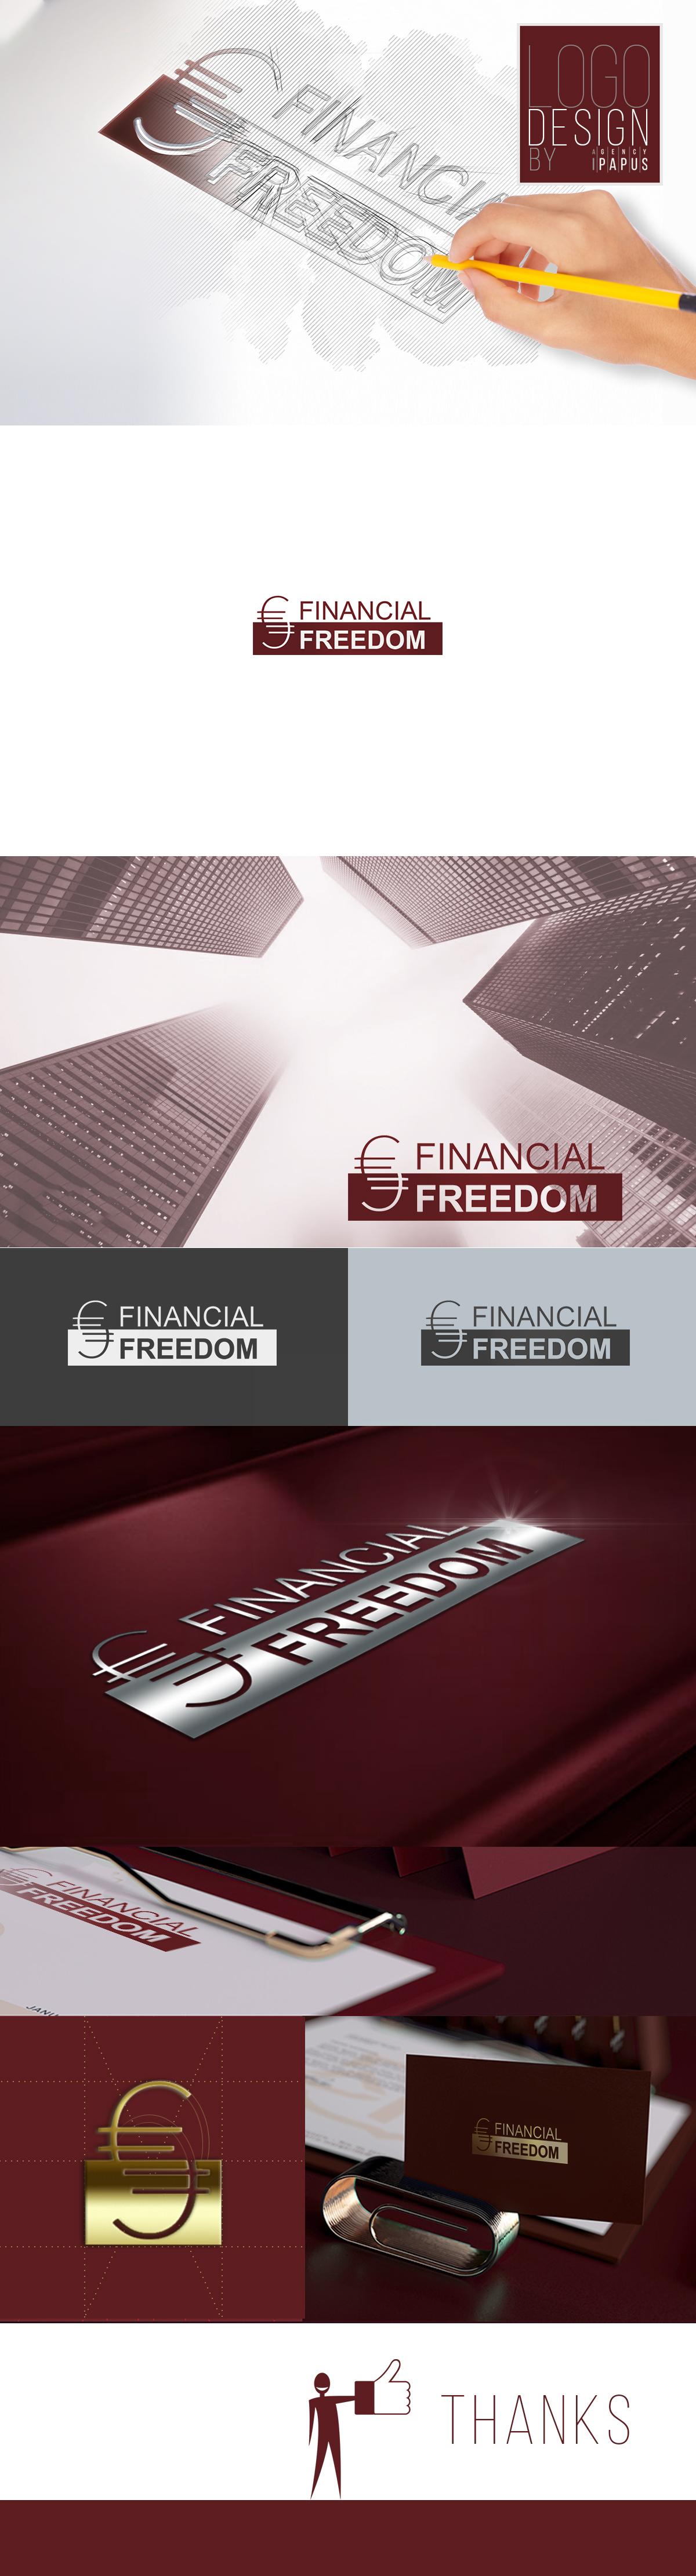 Логотип финансовой огранизации